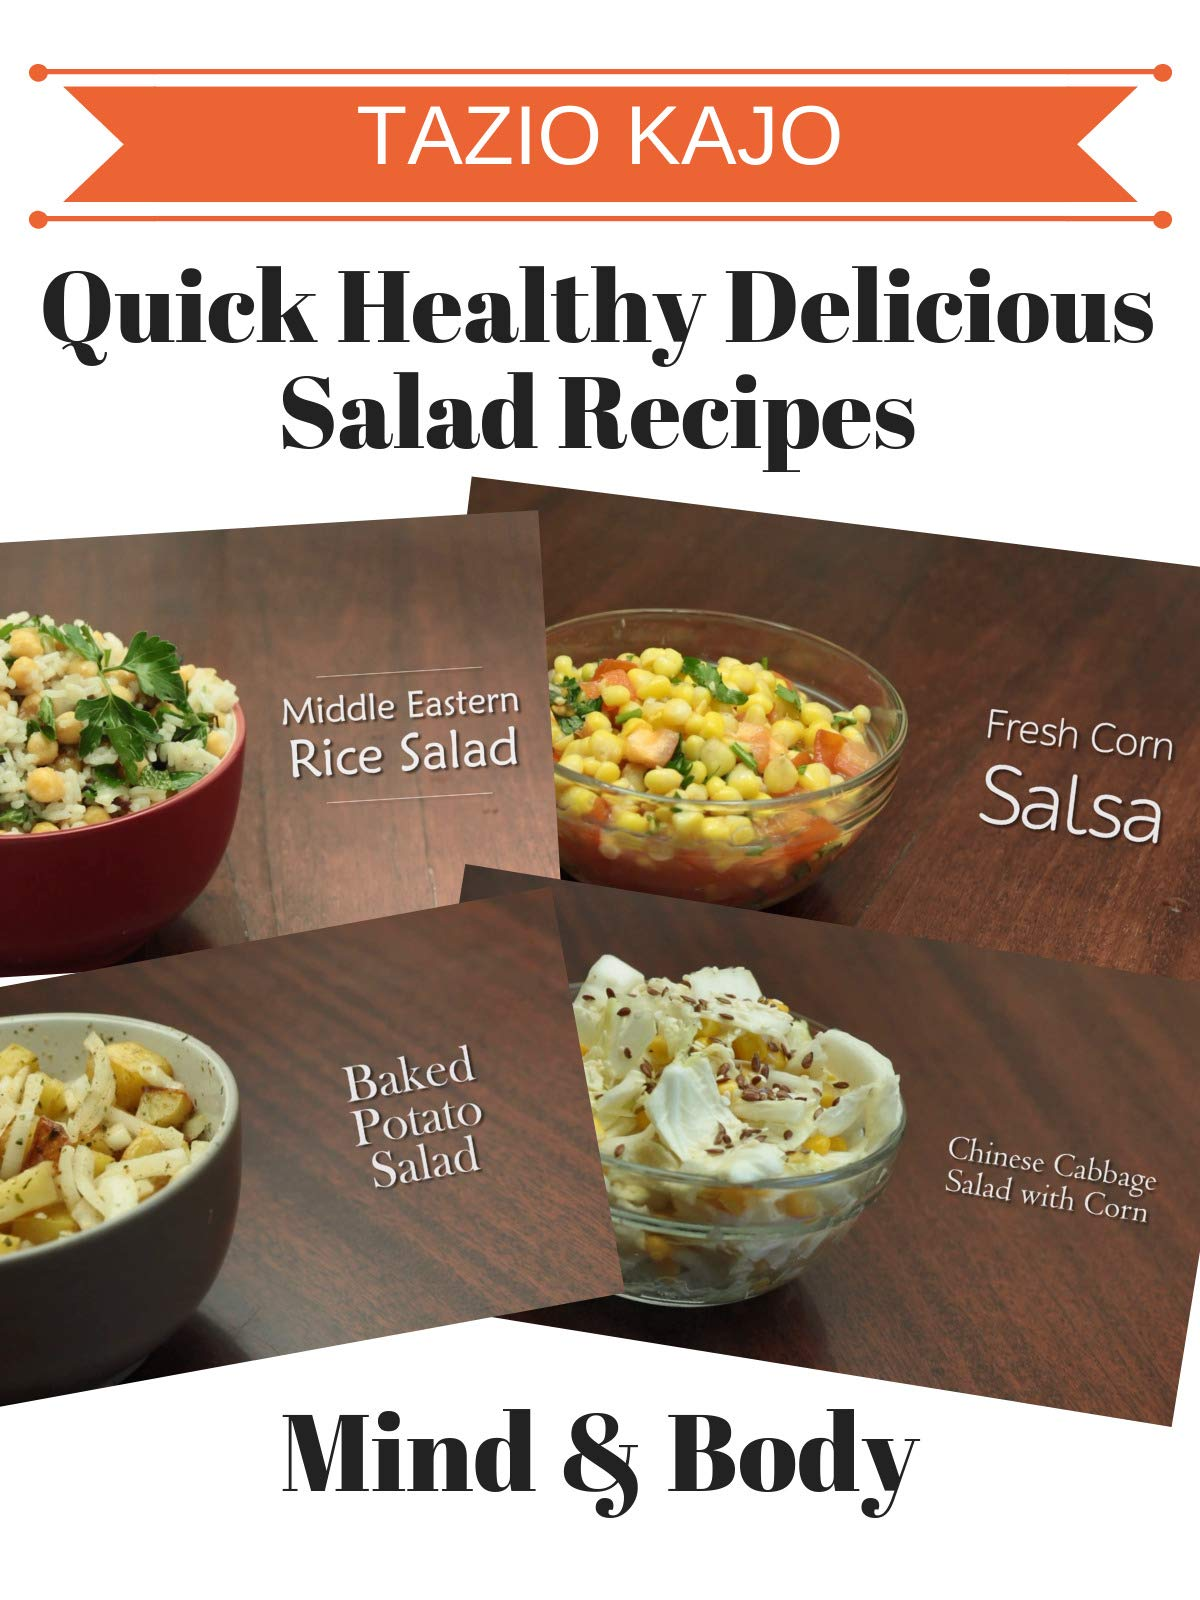 Quick Healthy Delicious Salad Recipes